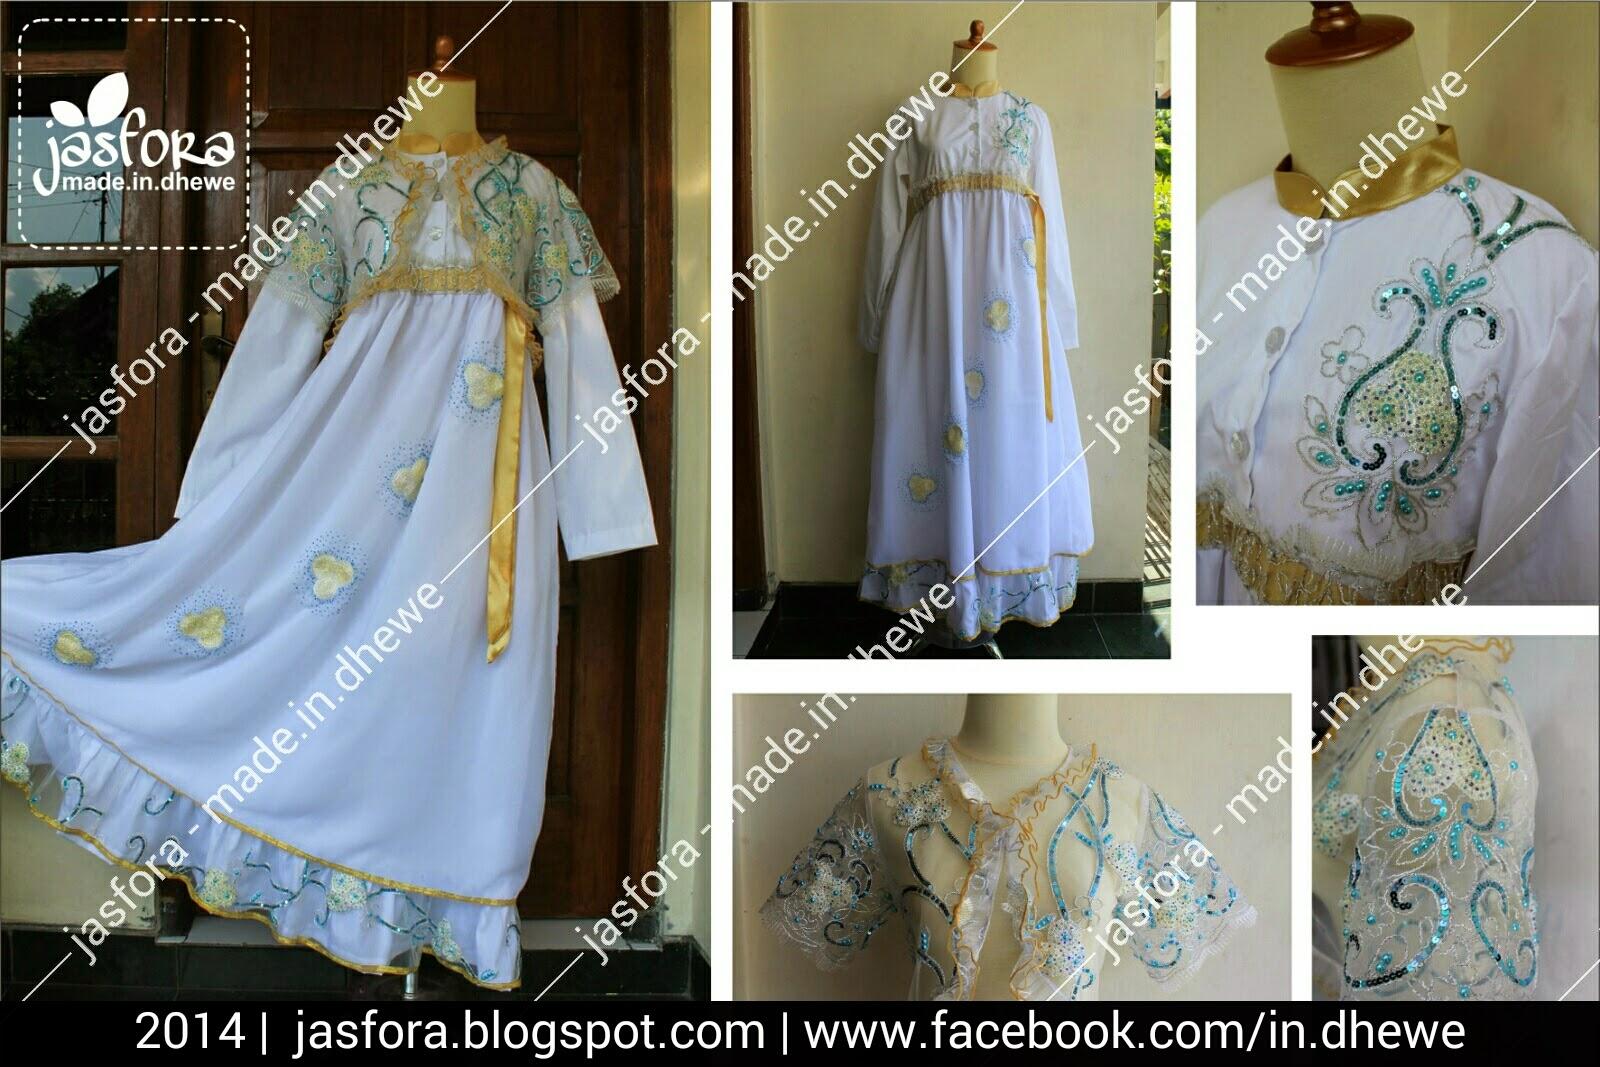 gaun pengantin muslimah katun poplin putih bersih kombinasi sifon ceruti putih bersih dengan bolero dari tile motif warna dasar putih tulang, payet jepang warna biru random, dan list pinggir dengan pita emas